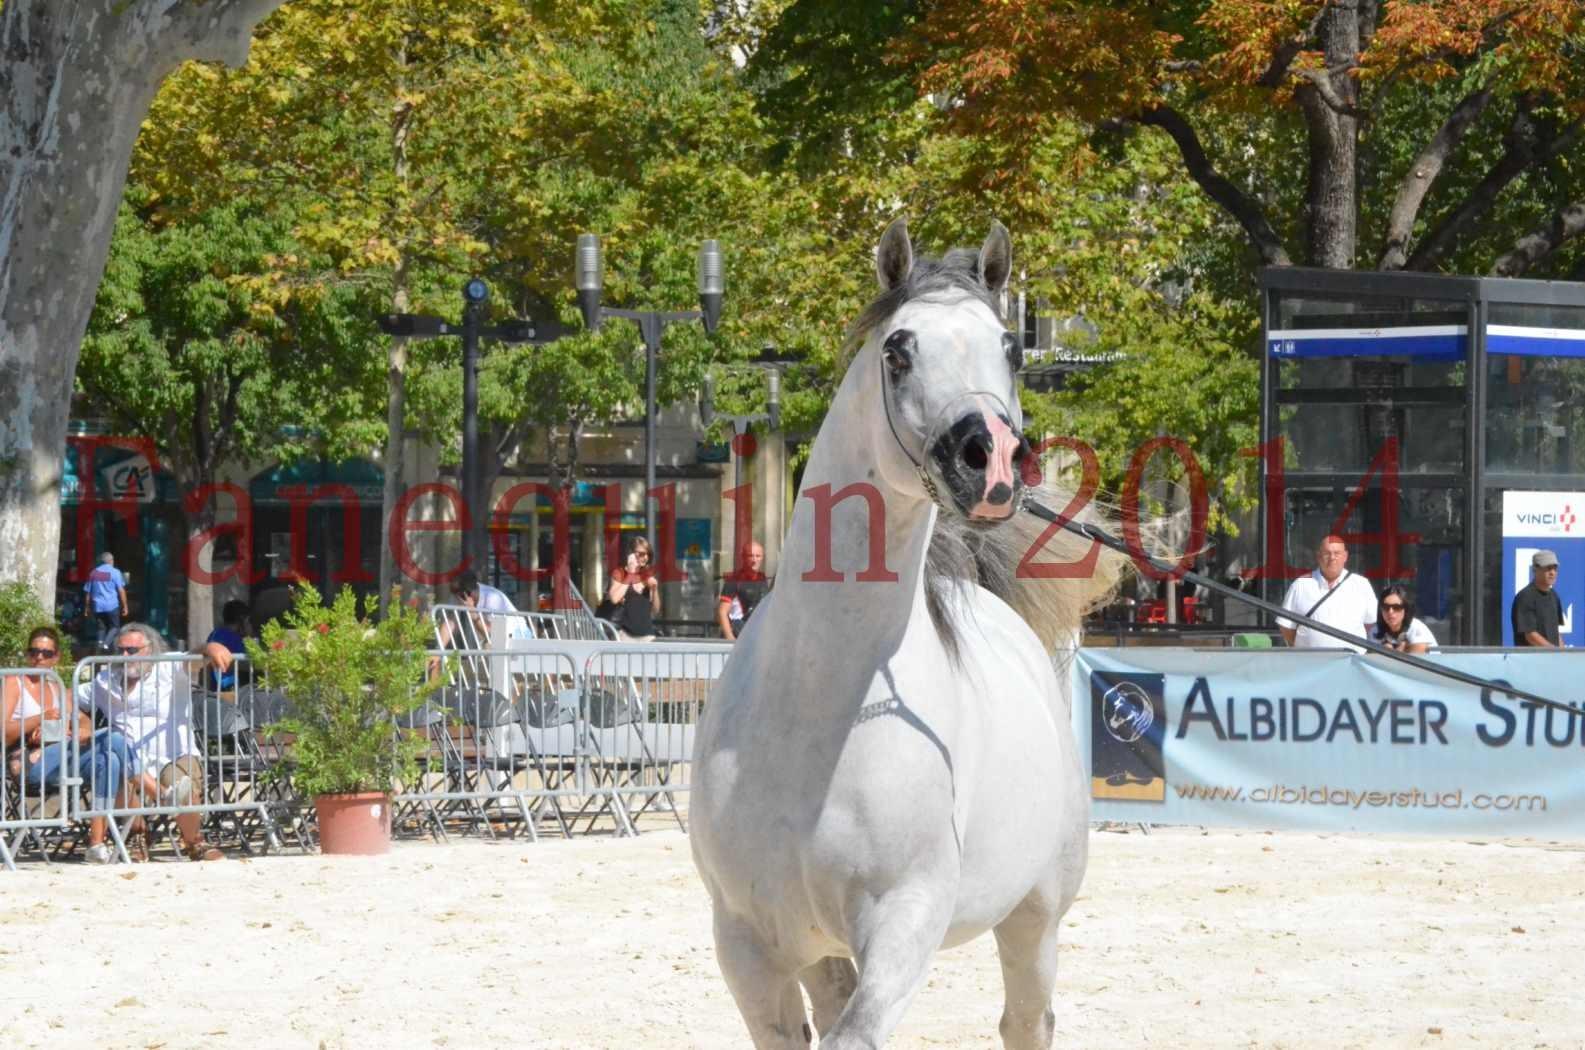 Concours National de Nîmes de chevaux ARABES 2014 - Sélection - SHAOLIN DE NEDJAIA - 50